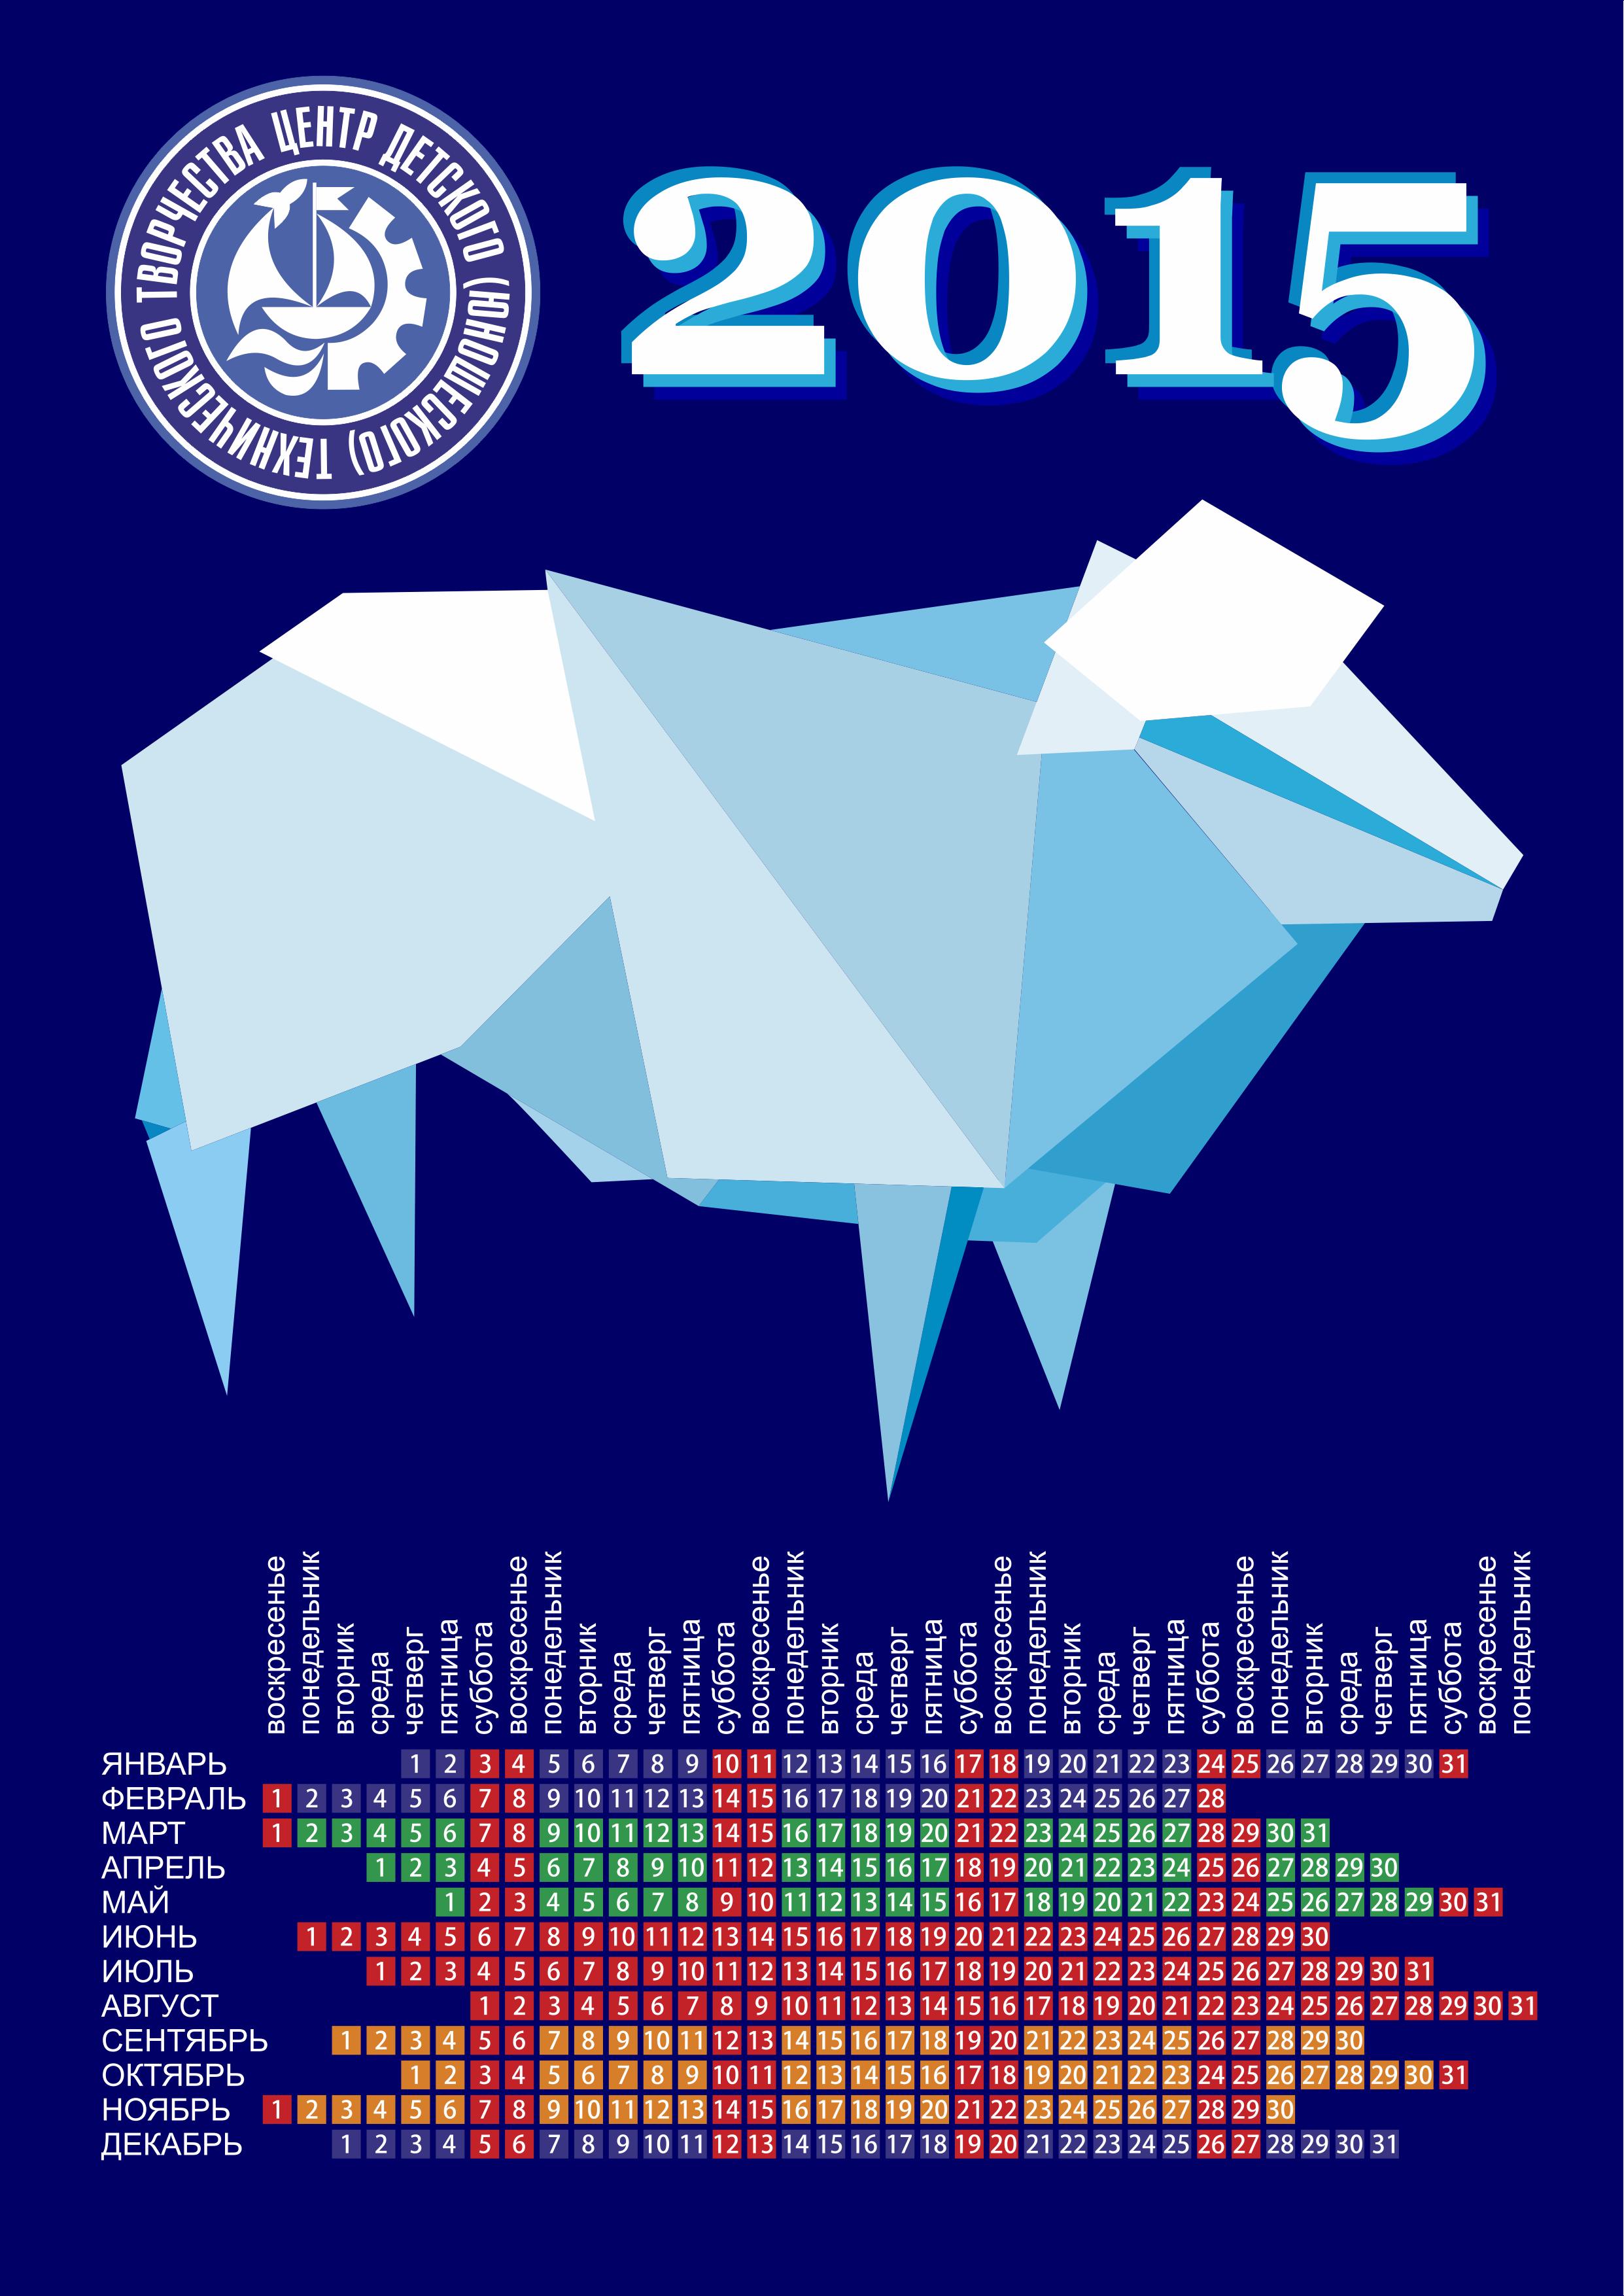 Логотип + Дизайн настольного календаря фото f_4925a2979d0763c0.png